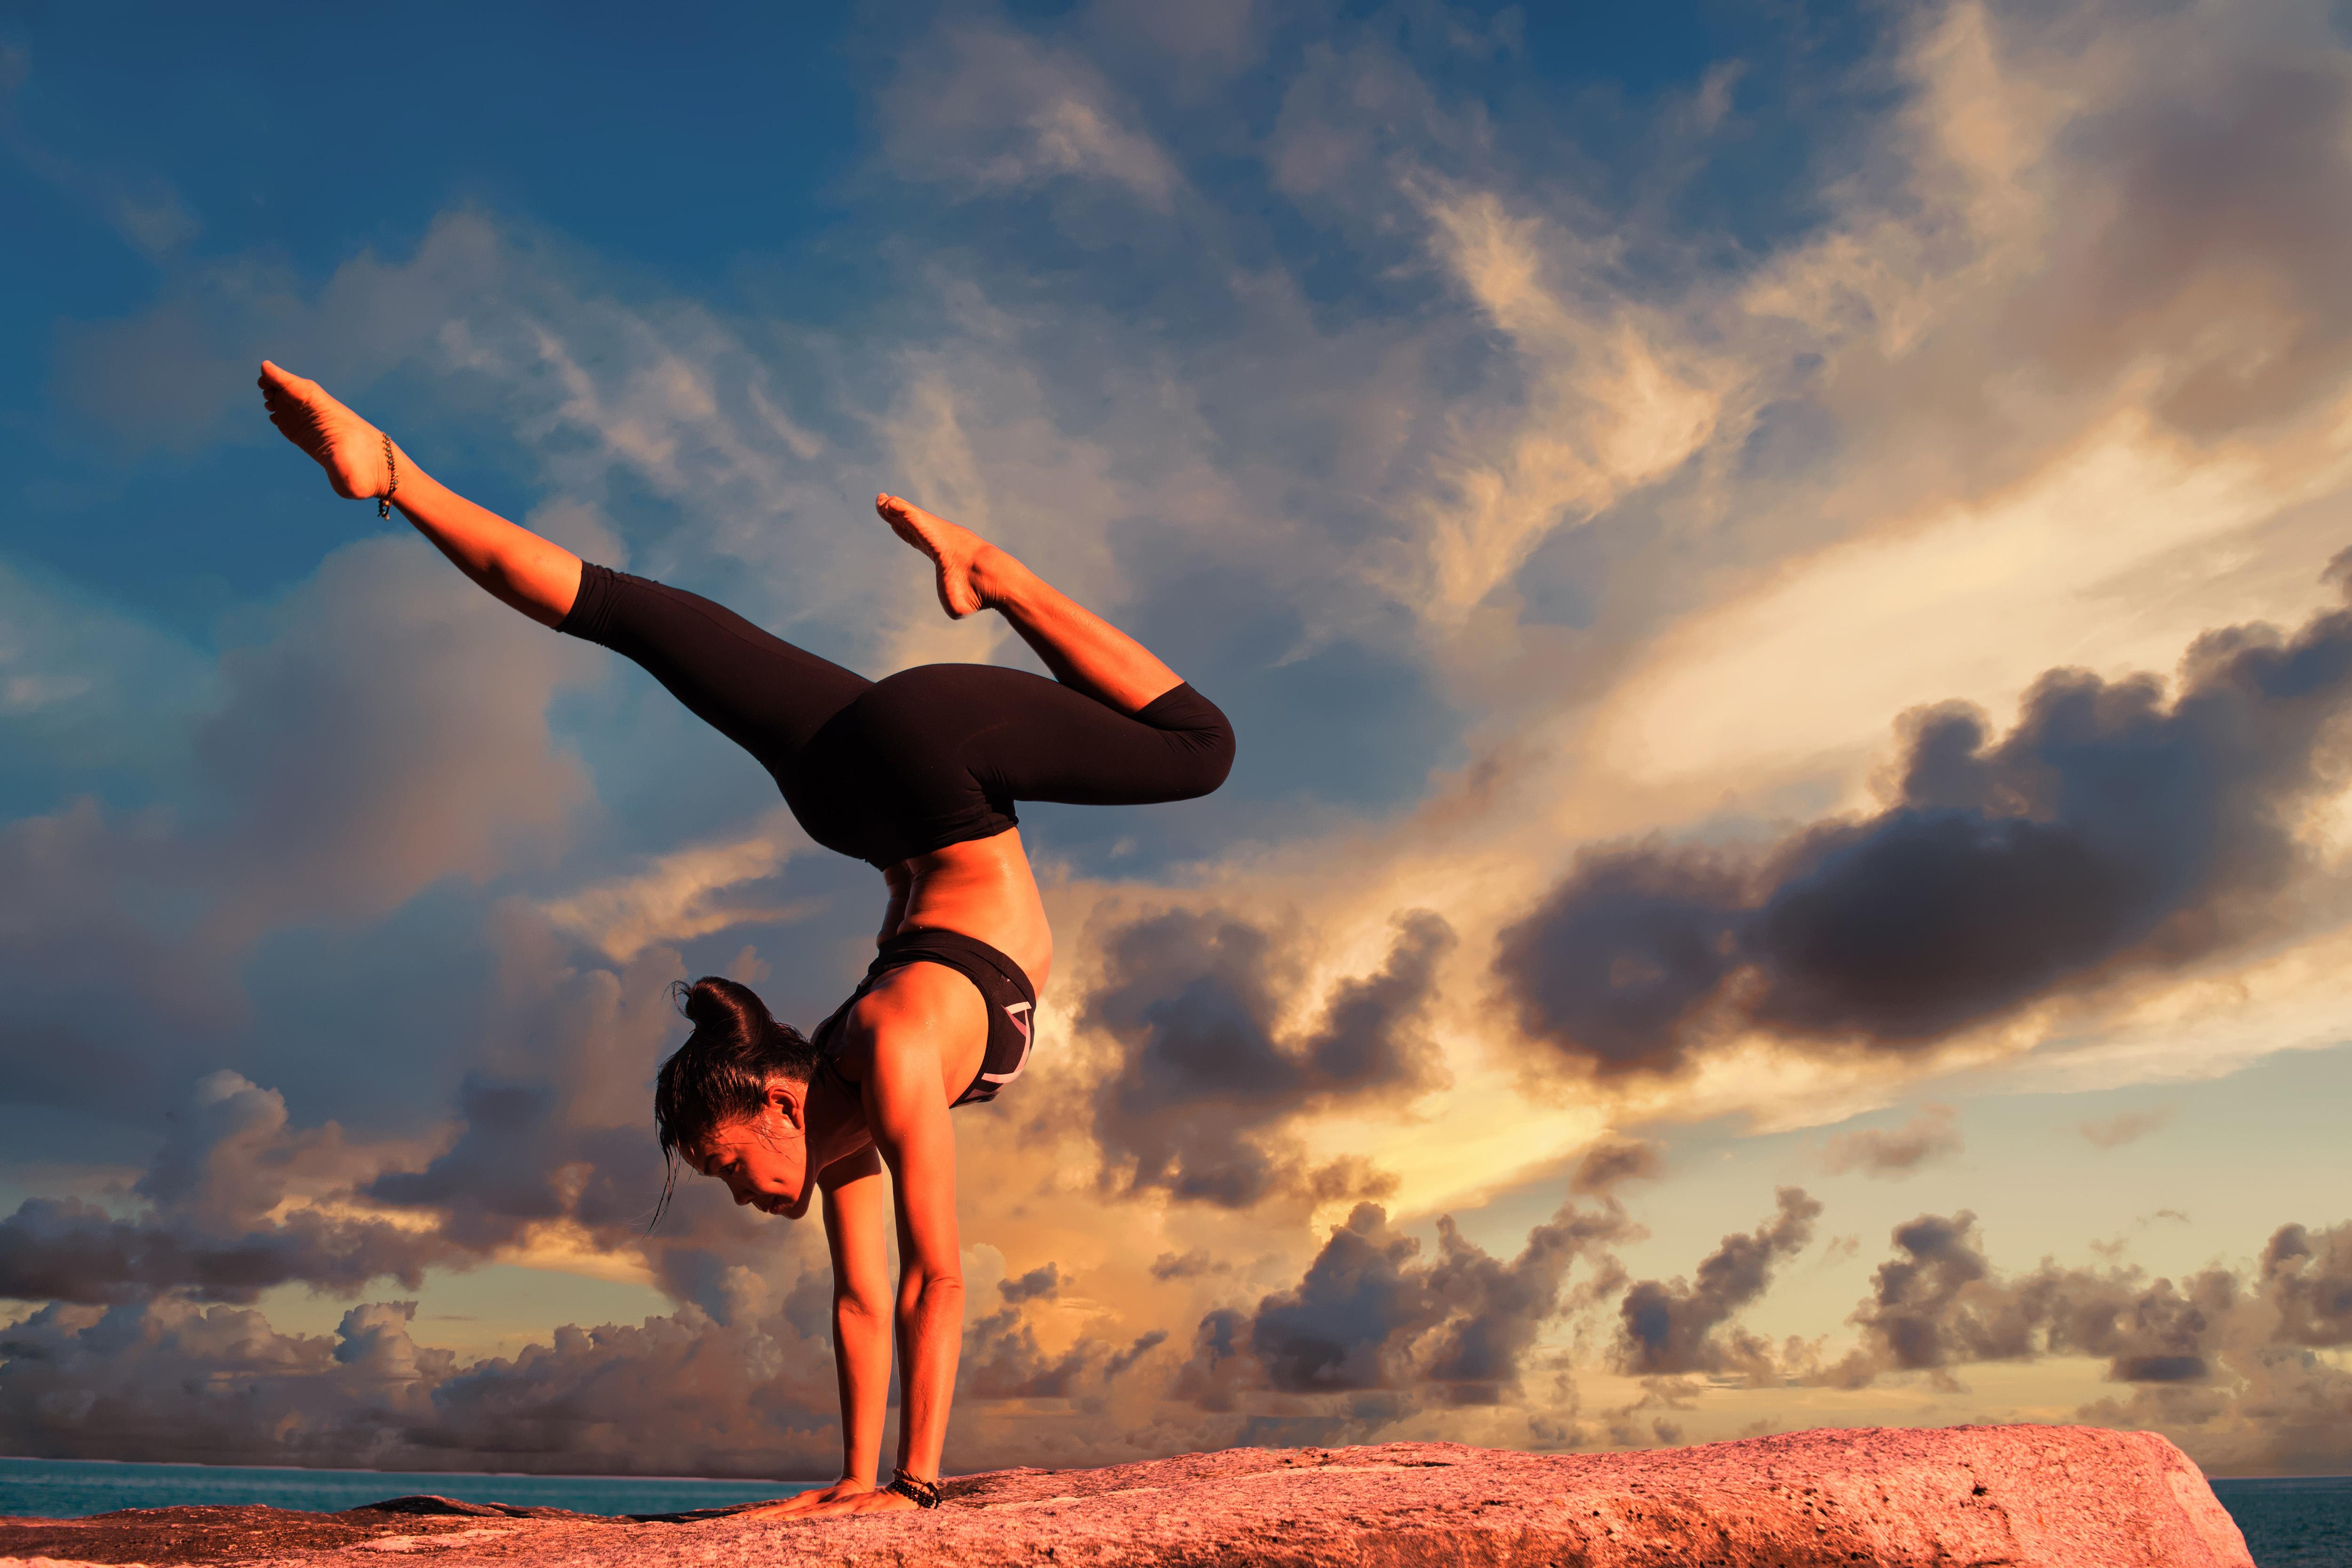 берегах фото йога и спорт август месяц считается